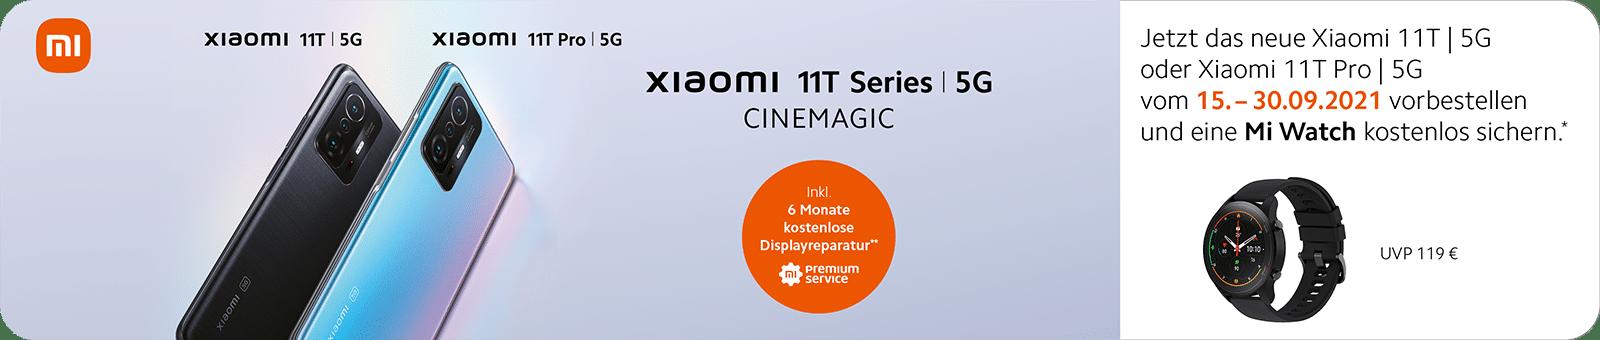 Xiaomi 11T Vorbestellung